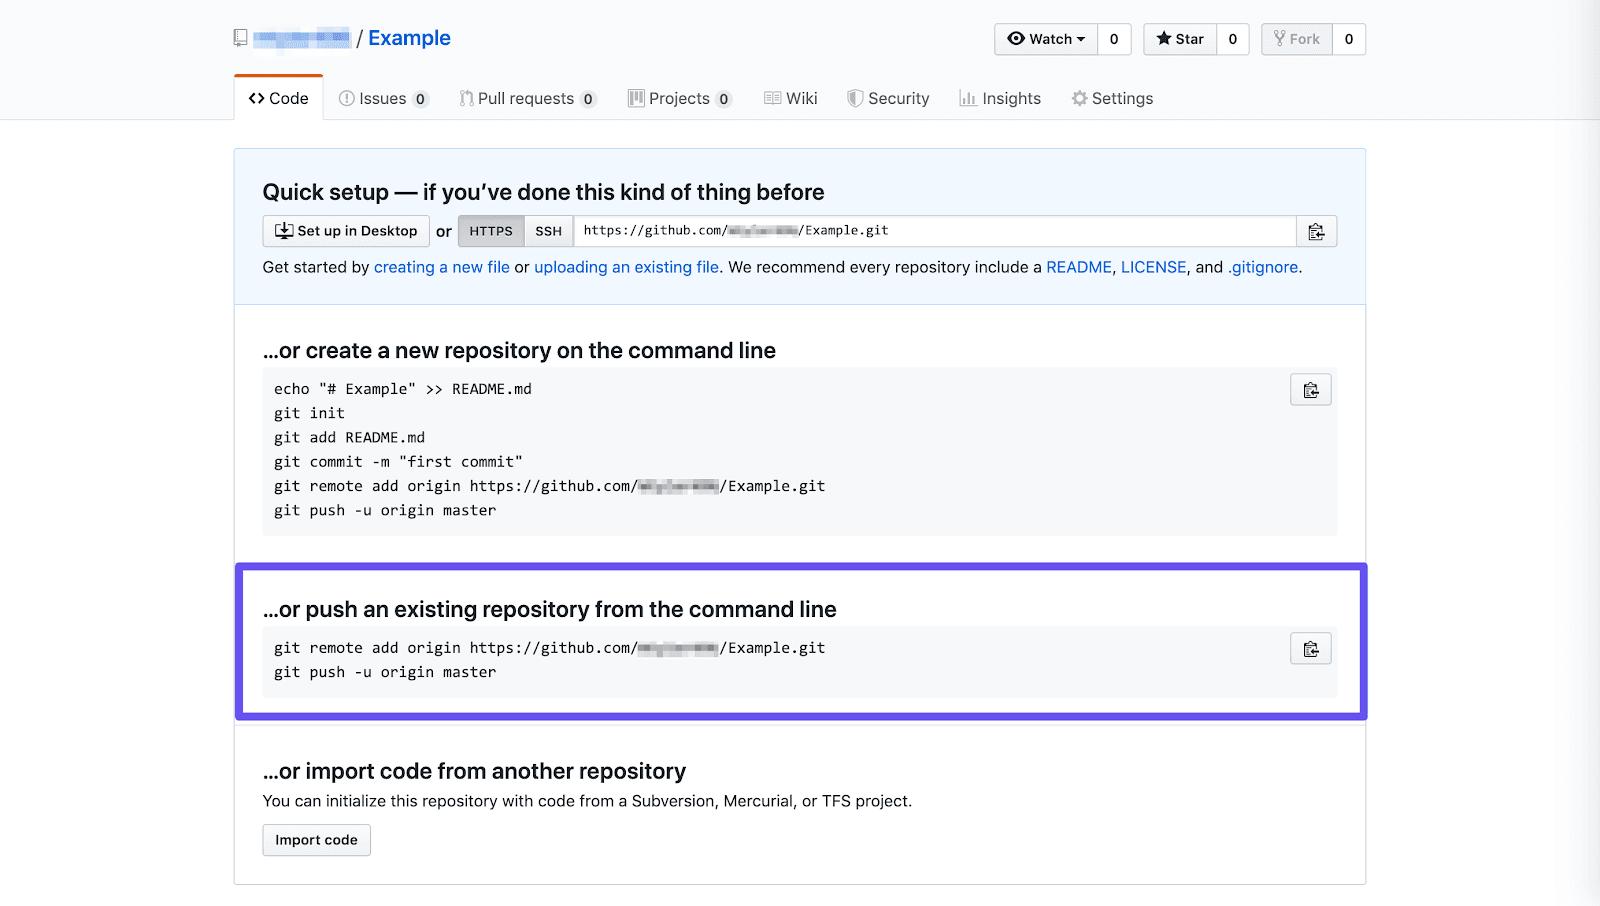 Push di un repository esistente dalla riga di comando